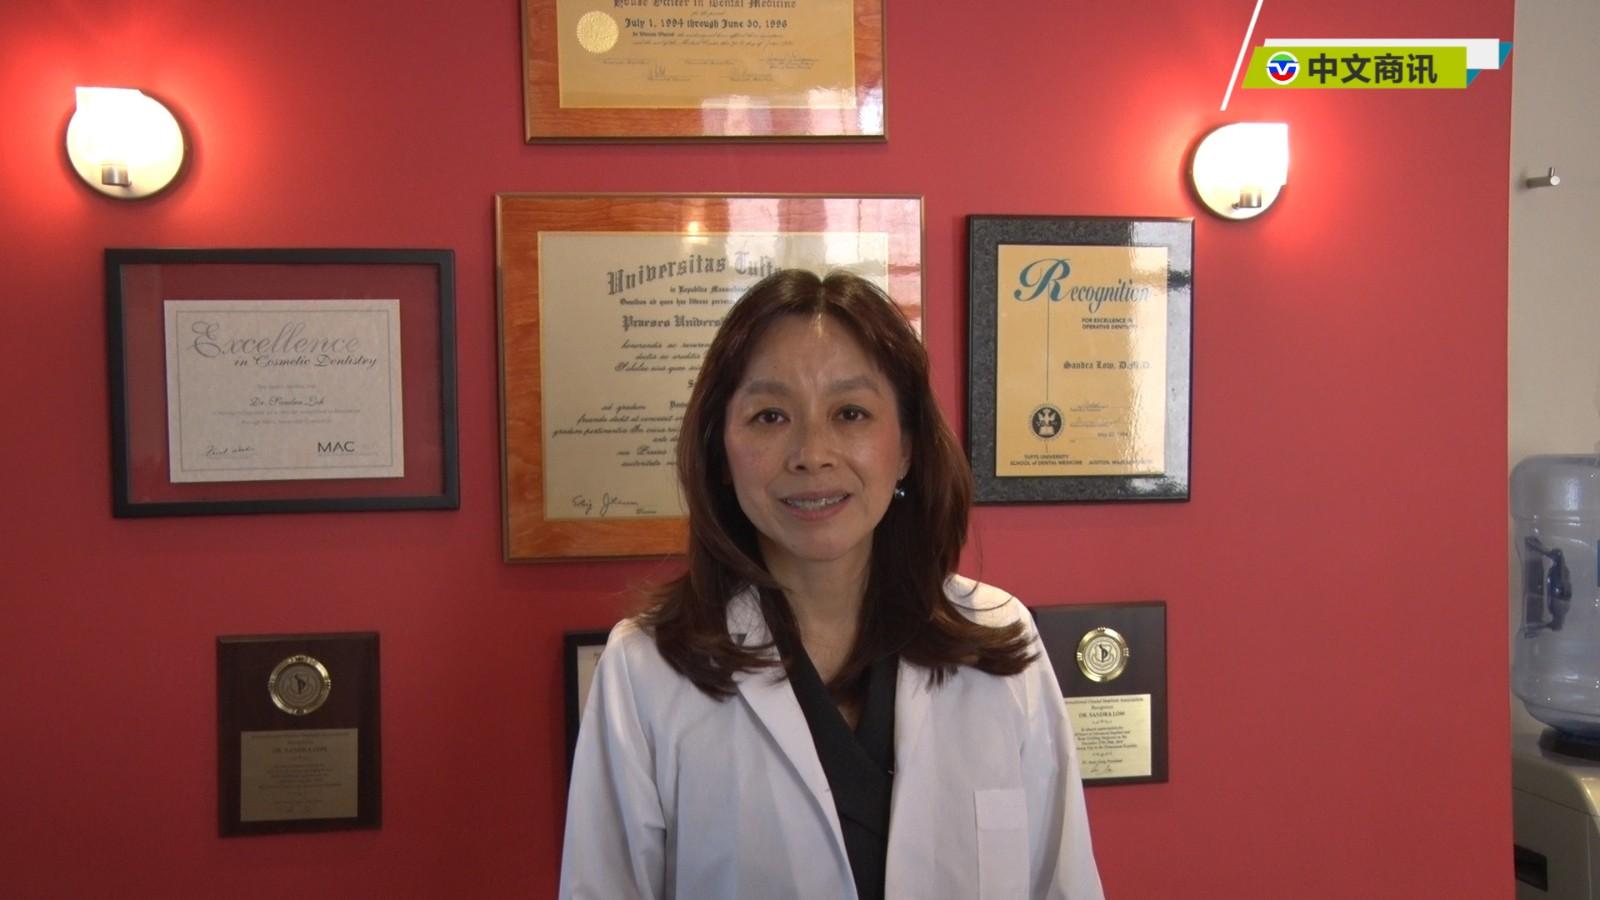 【视频】New York DMD牙科诊所广受好评